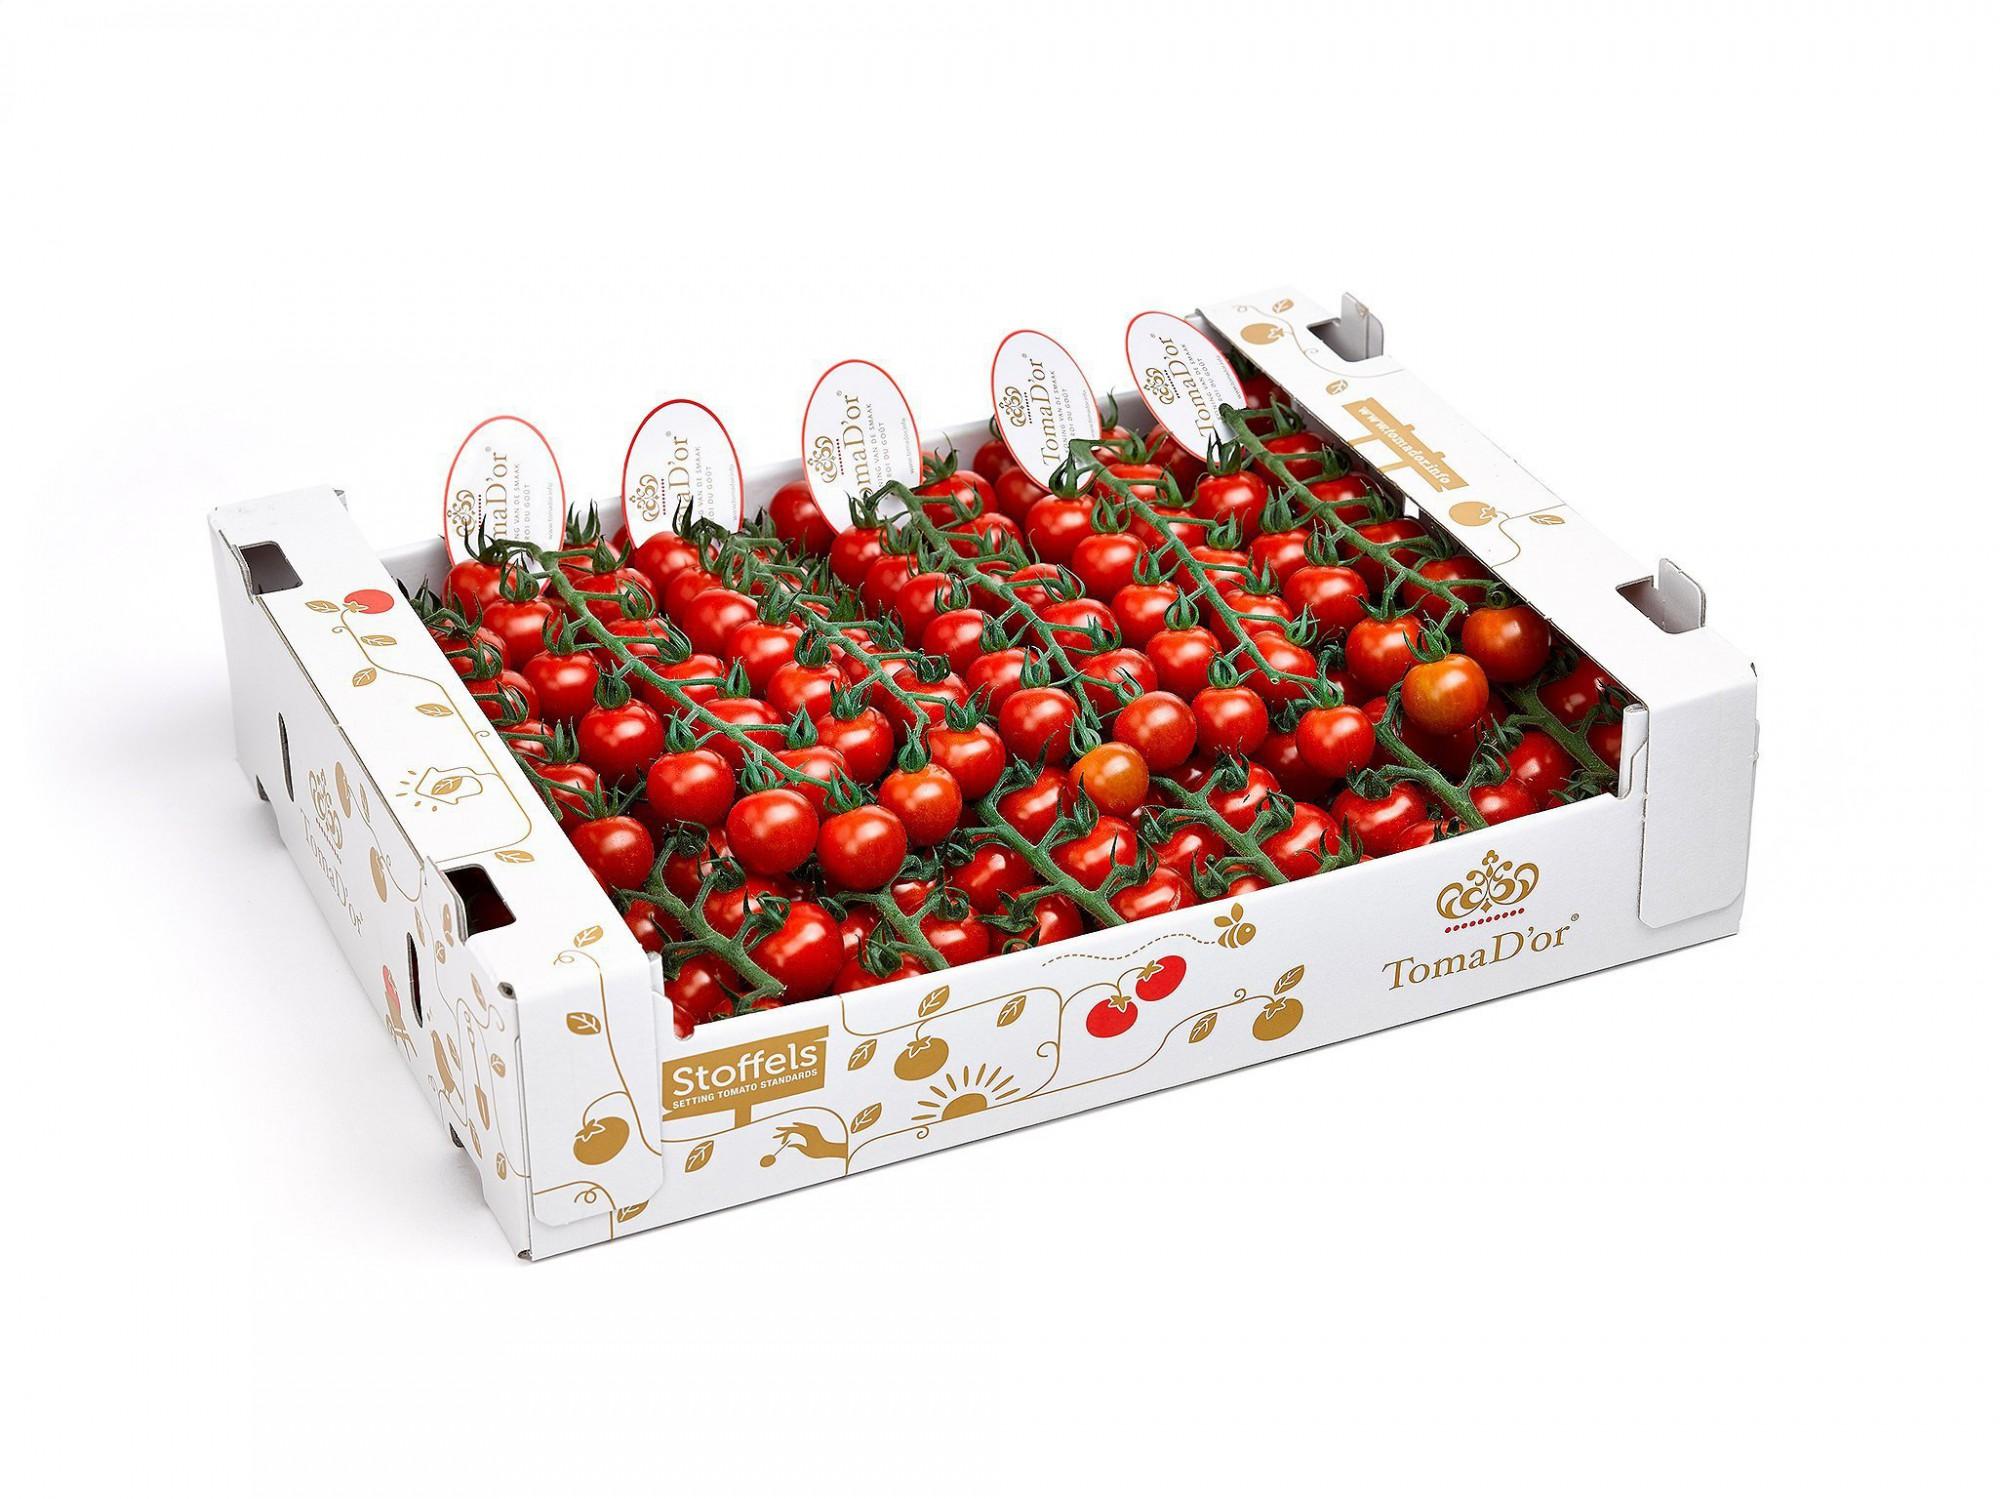 Afbeelding: Studio fotografie, productfotograaf Foto Van Huffel, fotografie packshot tomaten voor Stoffels tomaten.